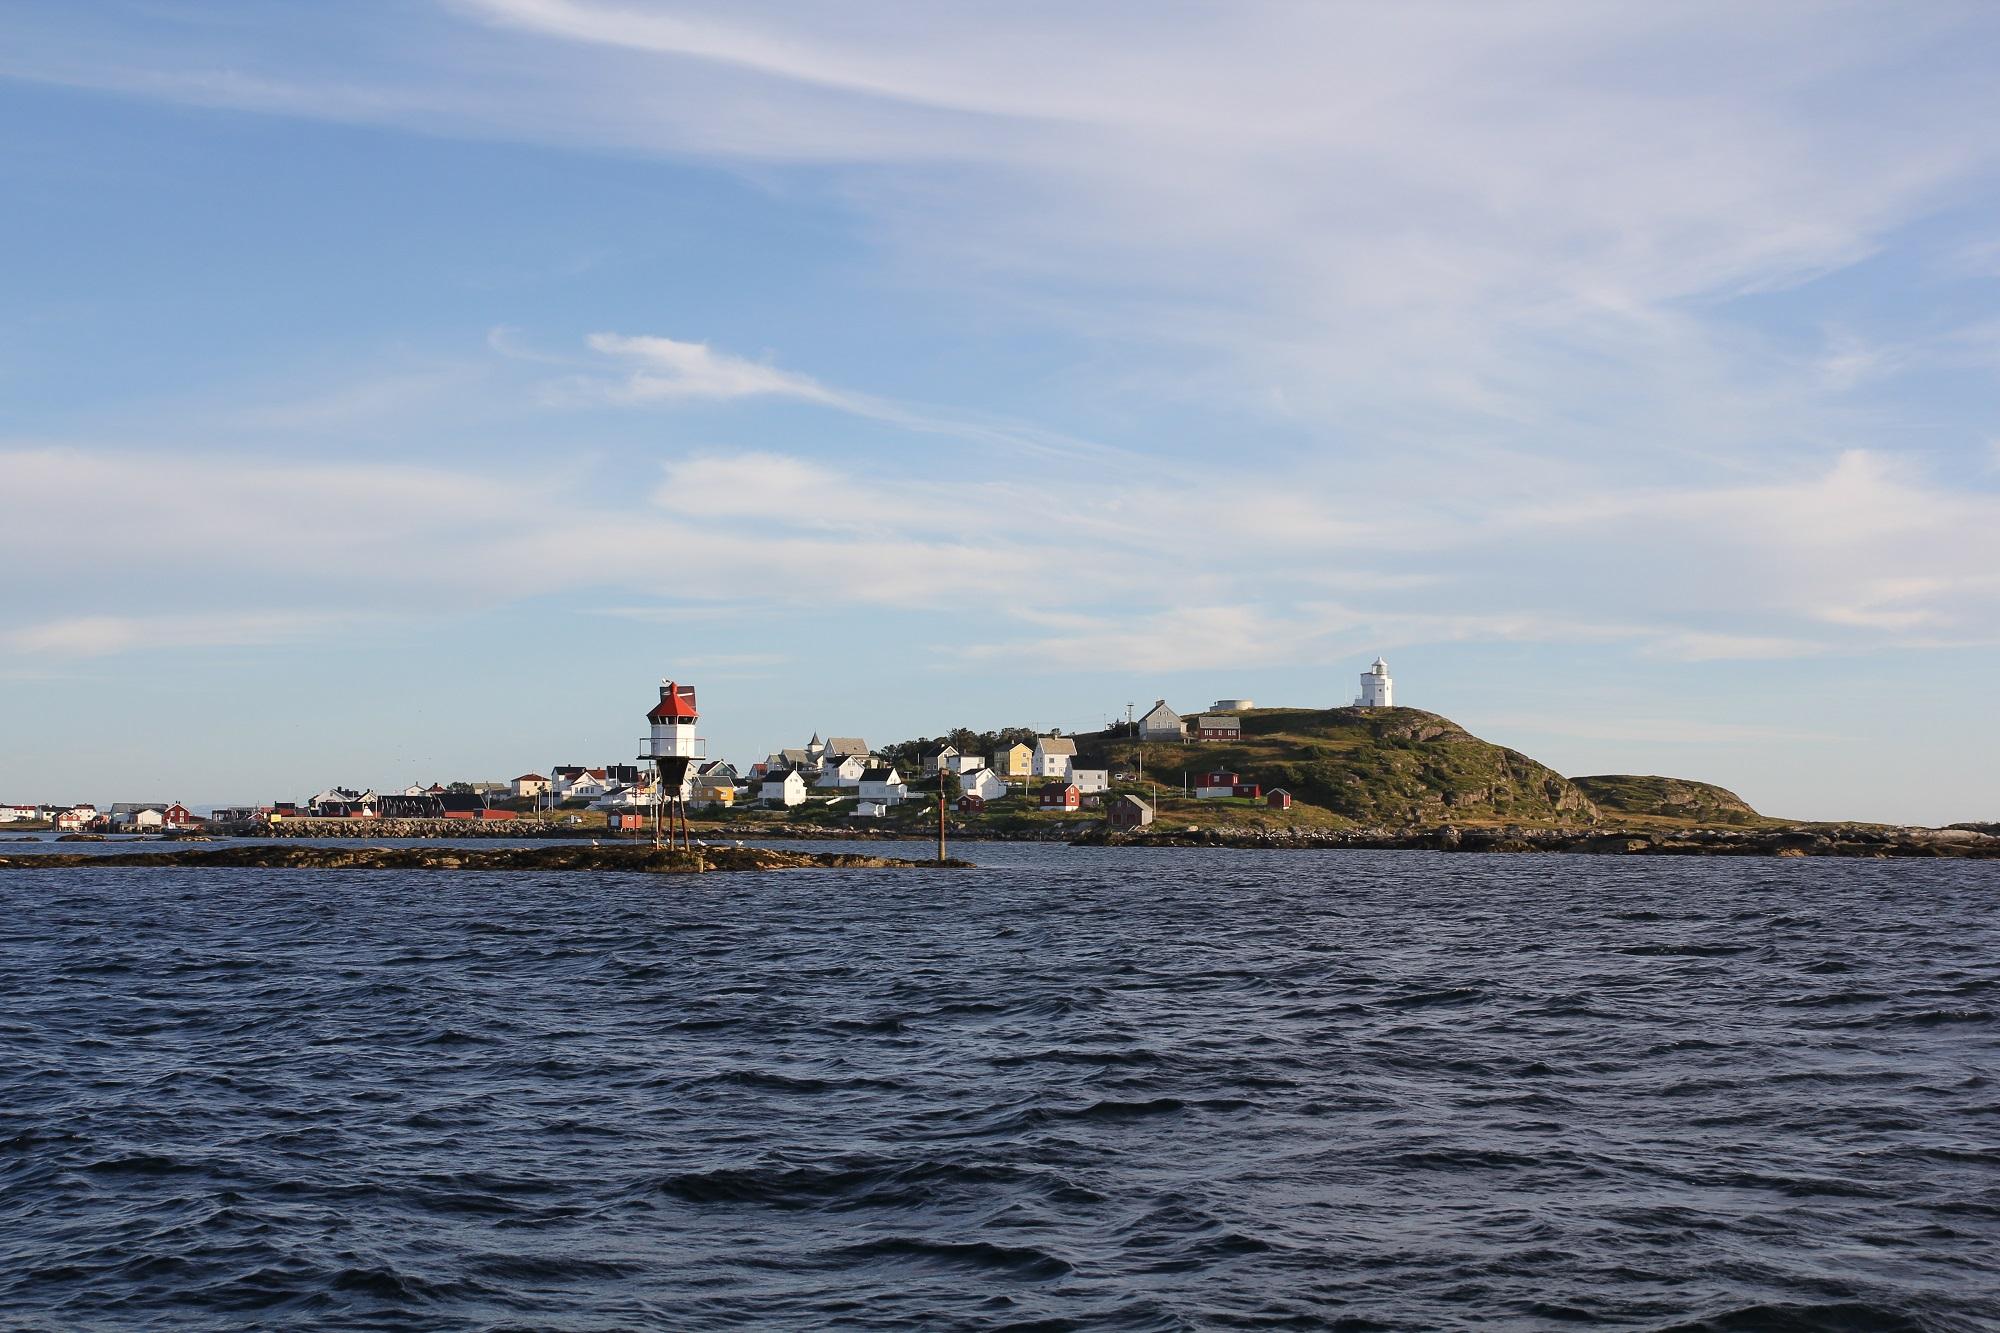 Das Revier um die Insel Sula verspricht viele Hotspots beim Angeln in Norwegen